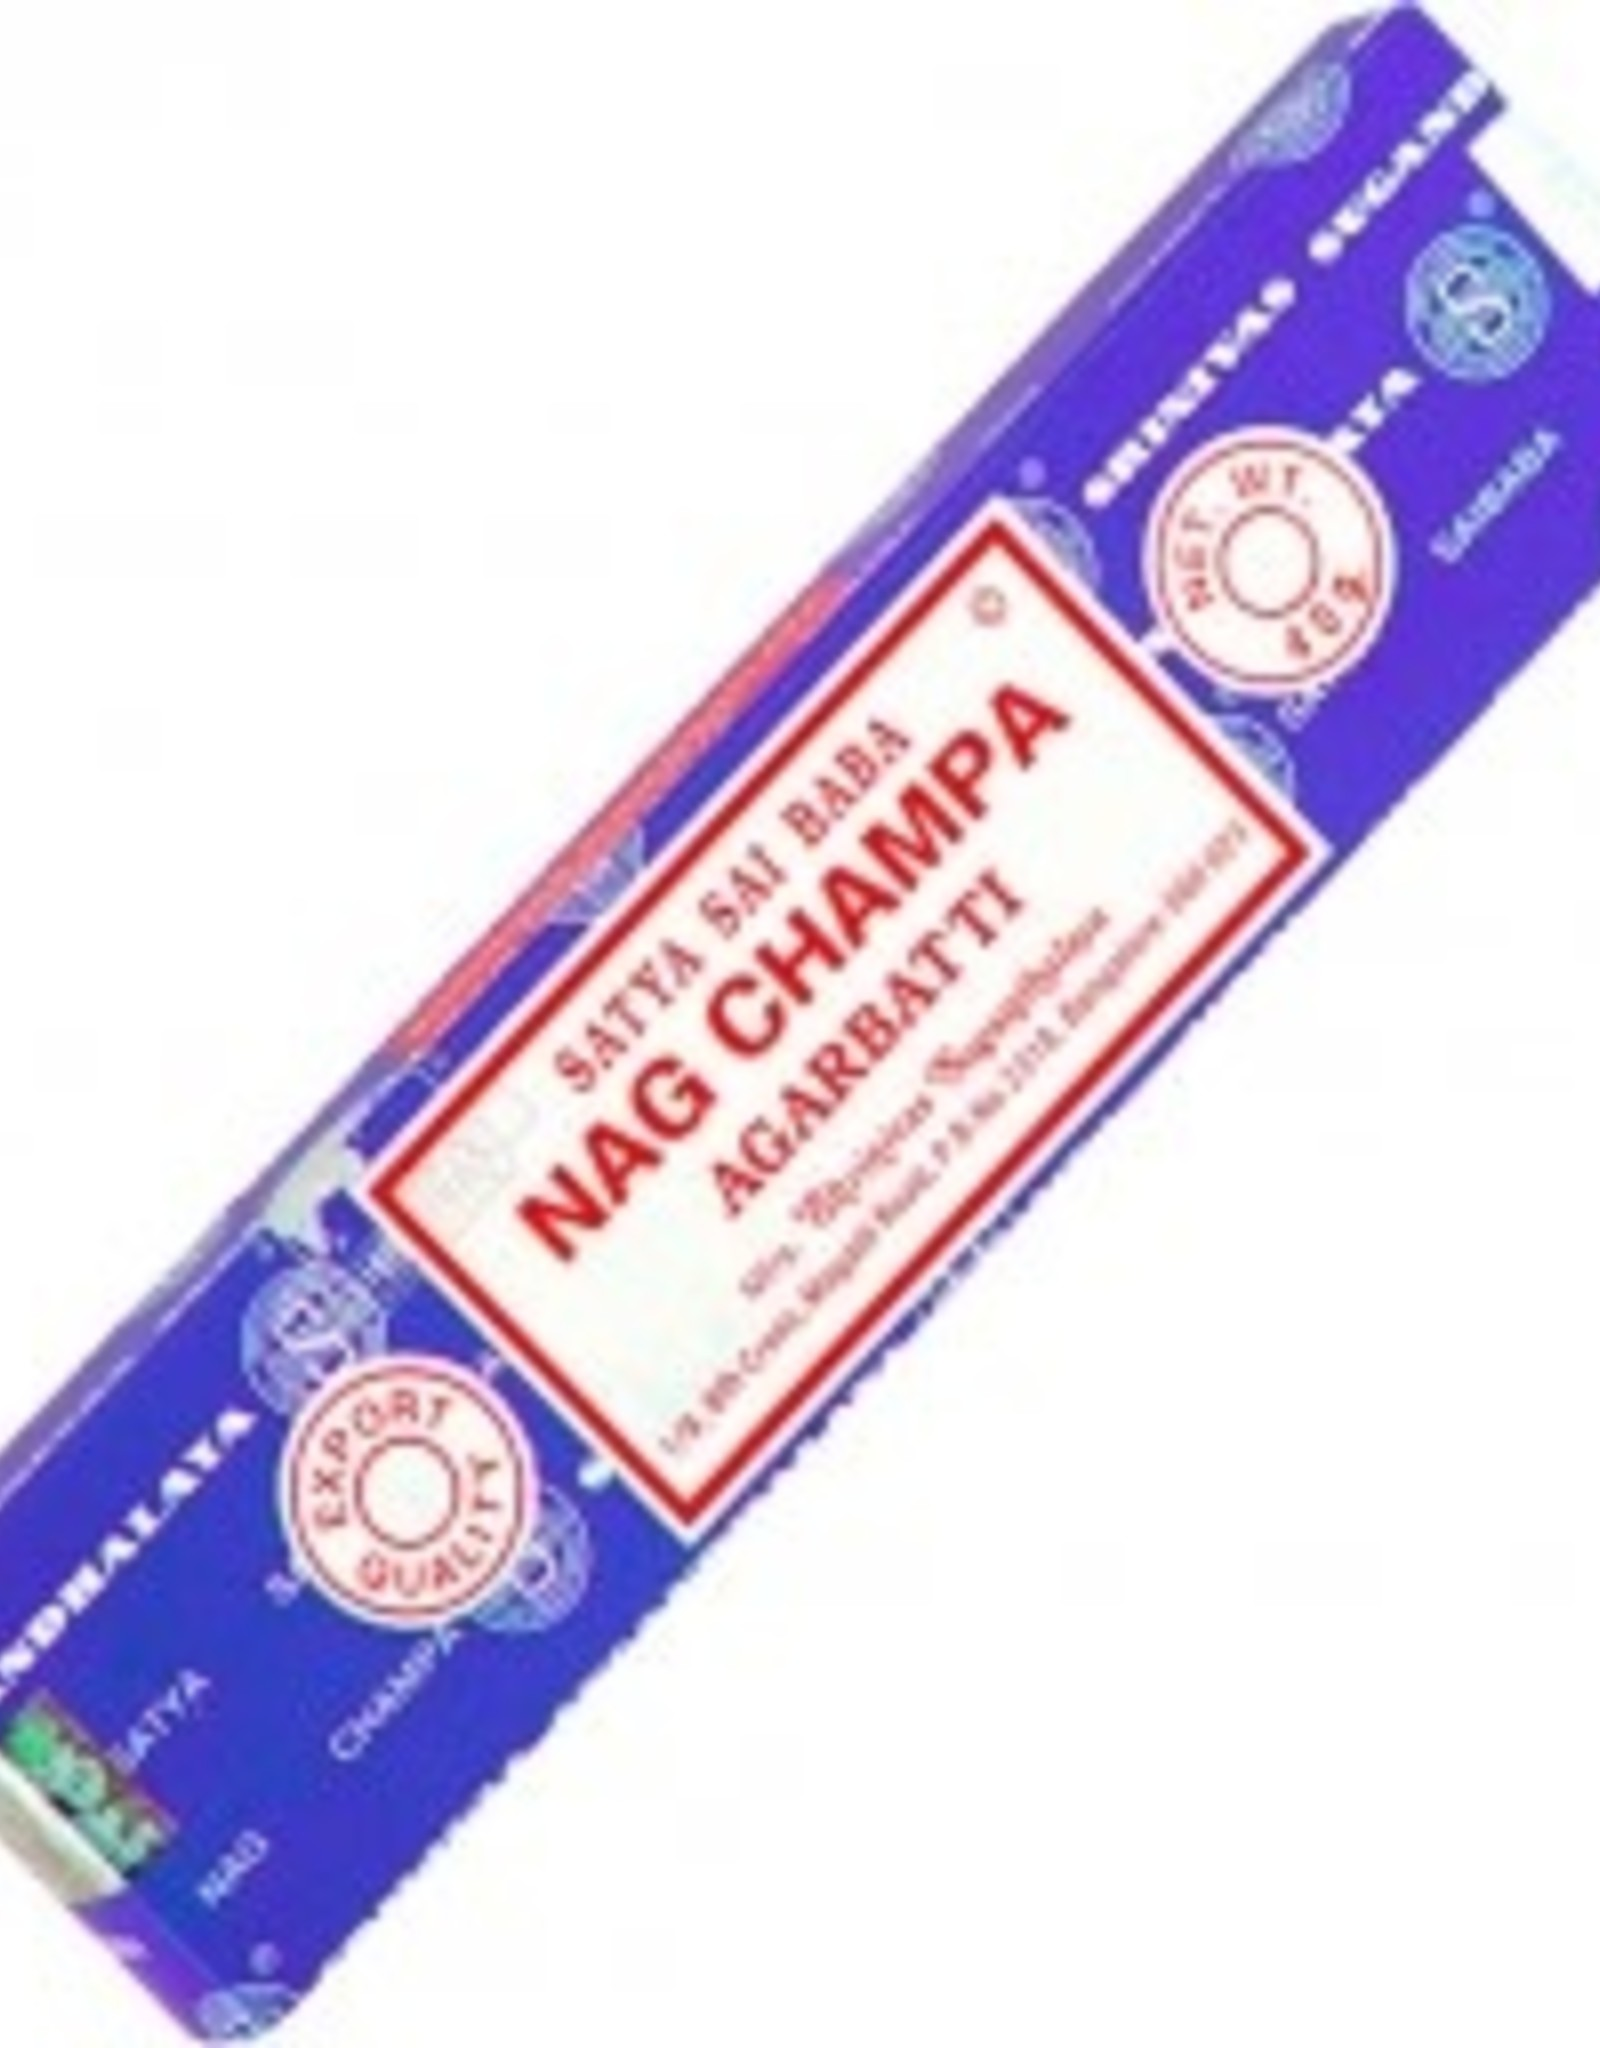 Incense Nag Champa 40g